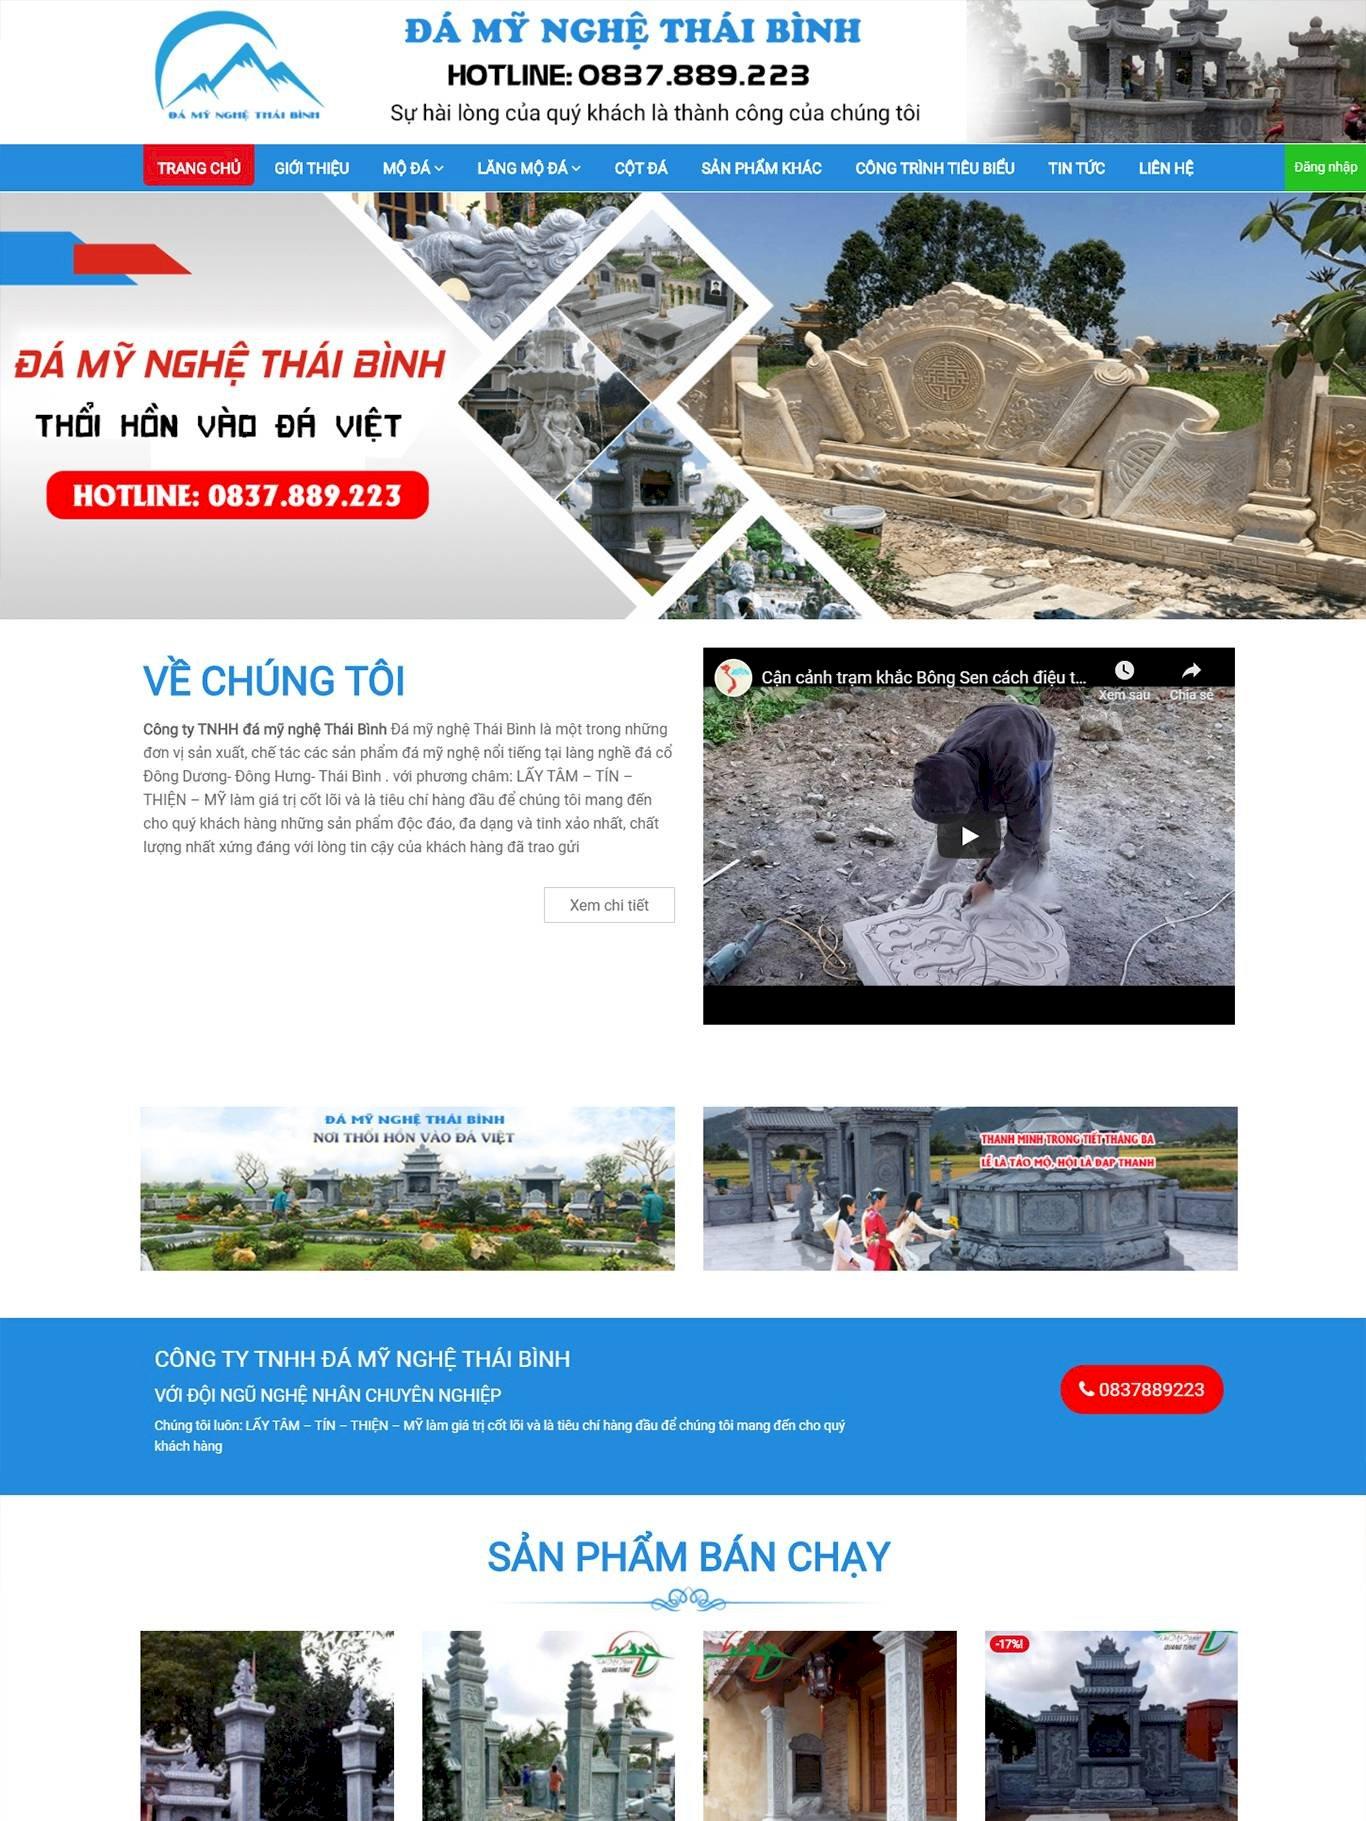 Đá mỹ nghệ Thái Bình